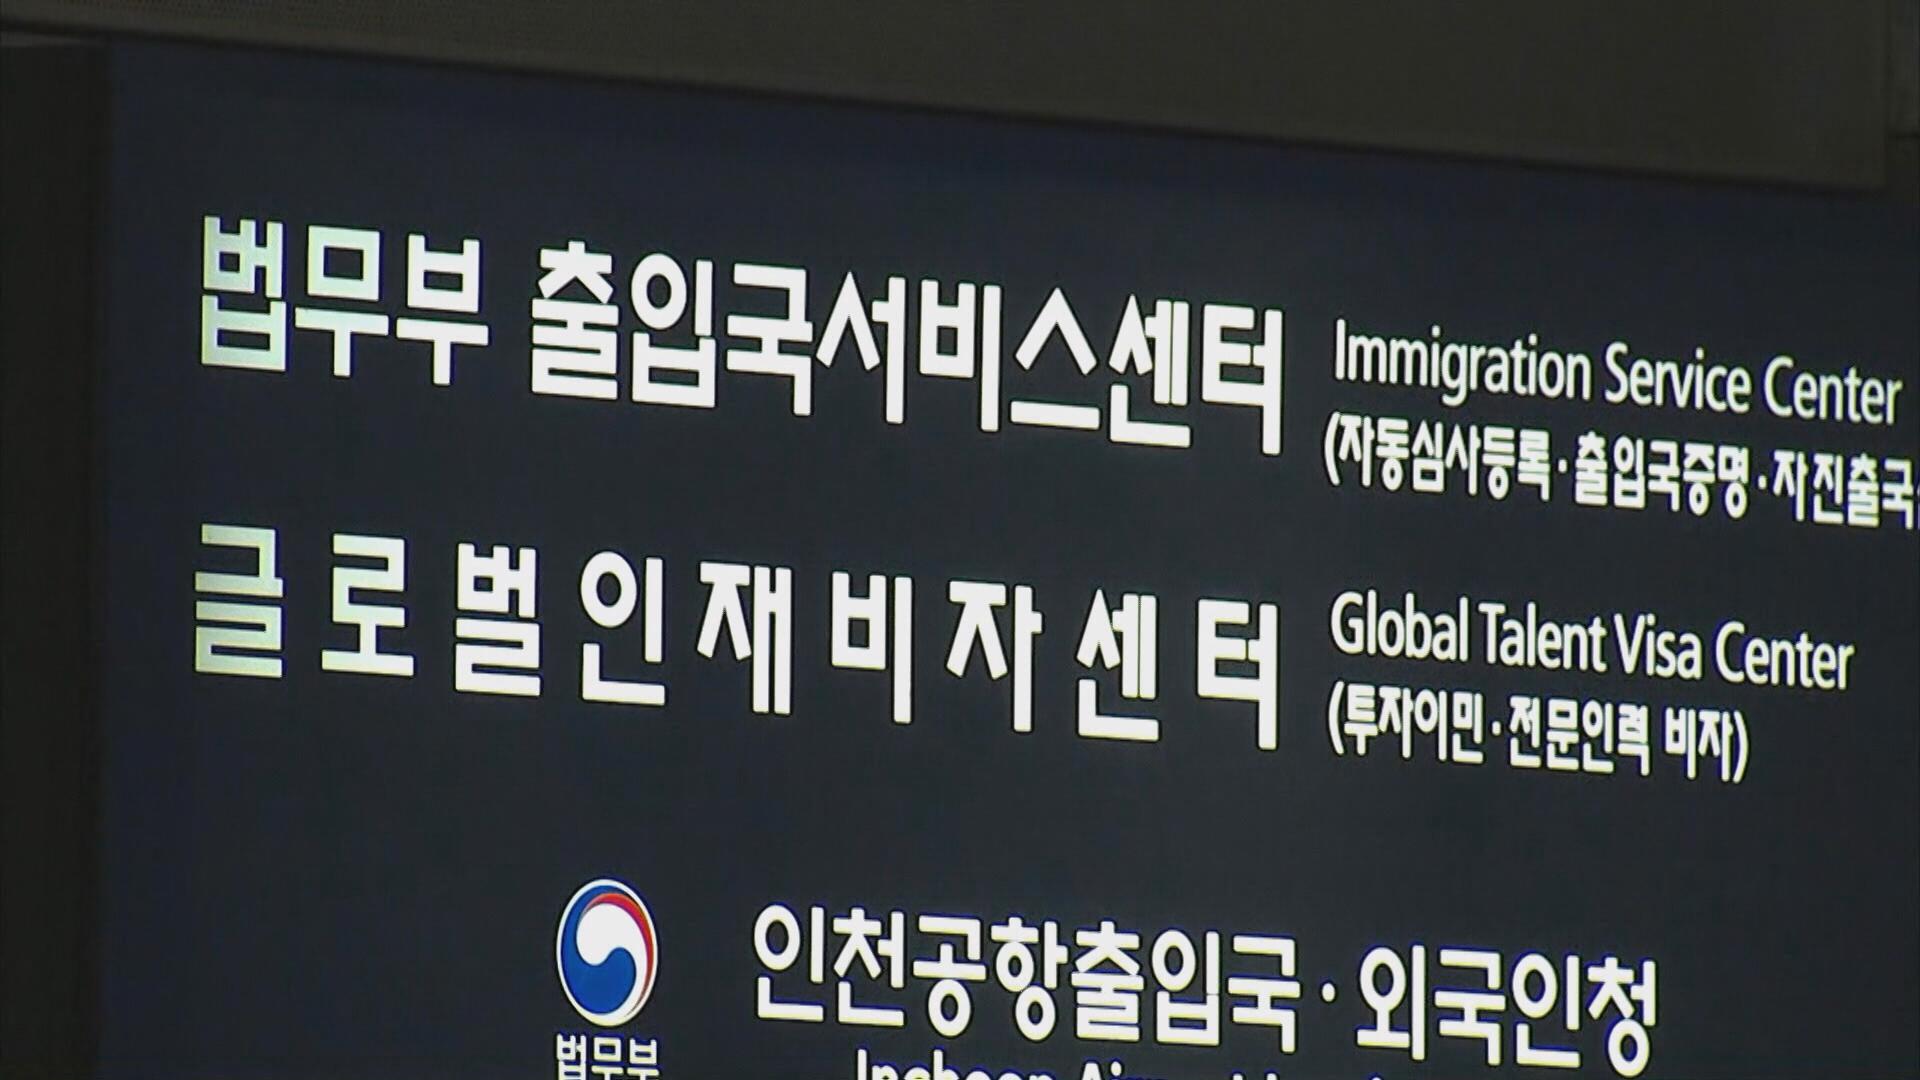 '출입국 신청' 난민 위해 만들었더니 오히려 발목